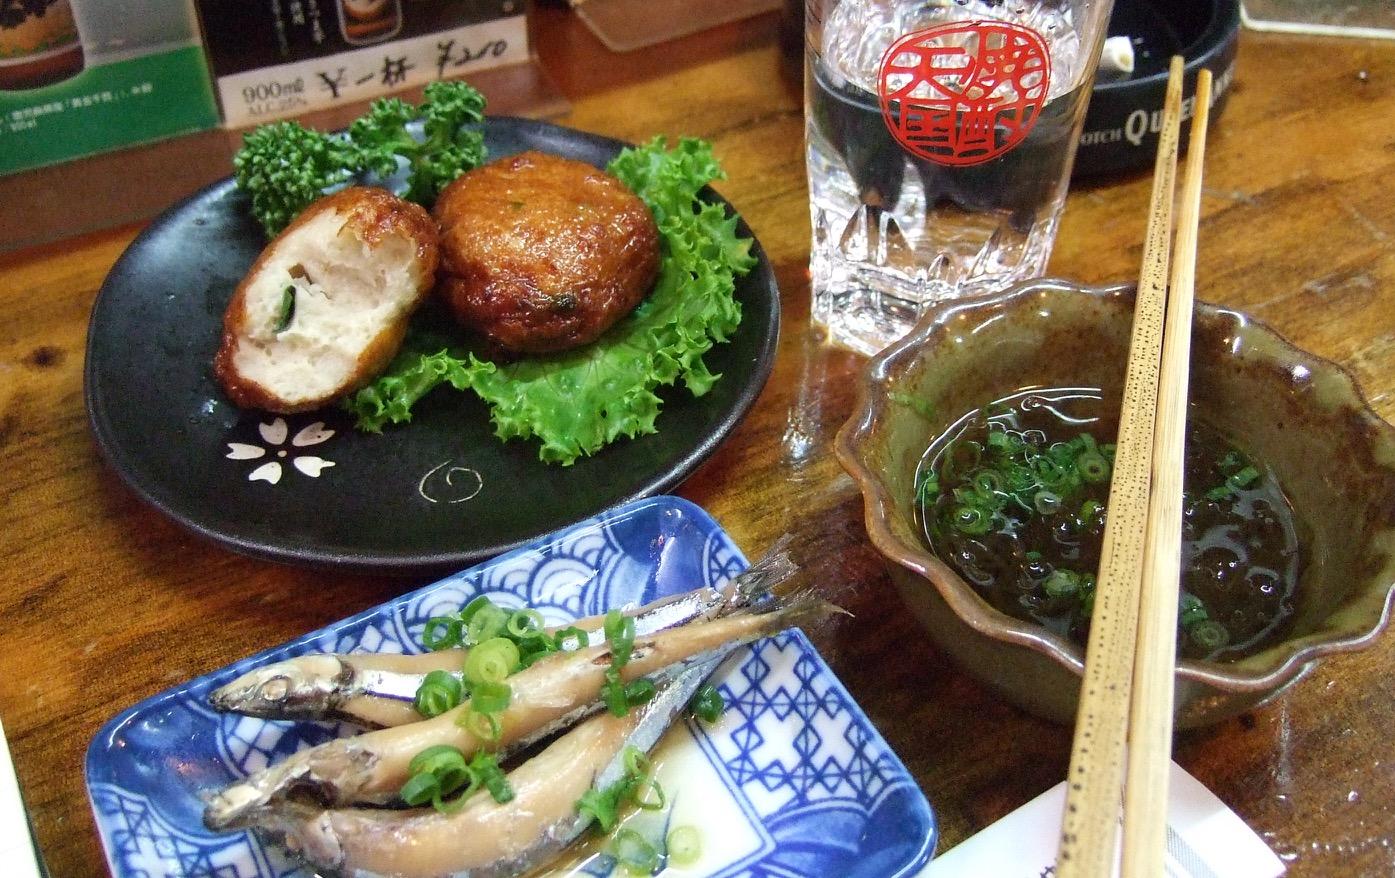 必學!旅遊時拒絕居酒屋的開桌菜「お通し」,日文怎麼說?